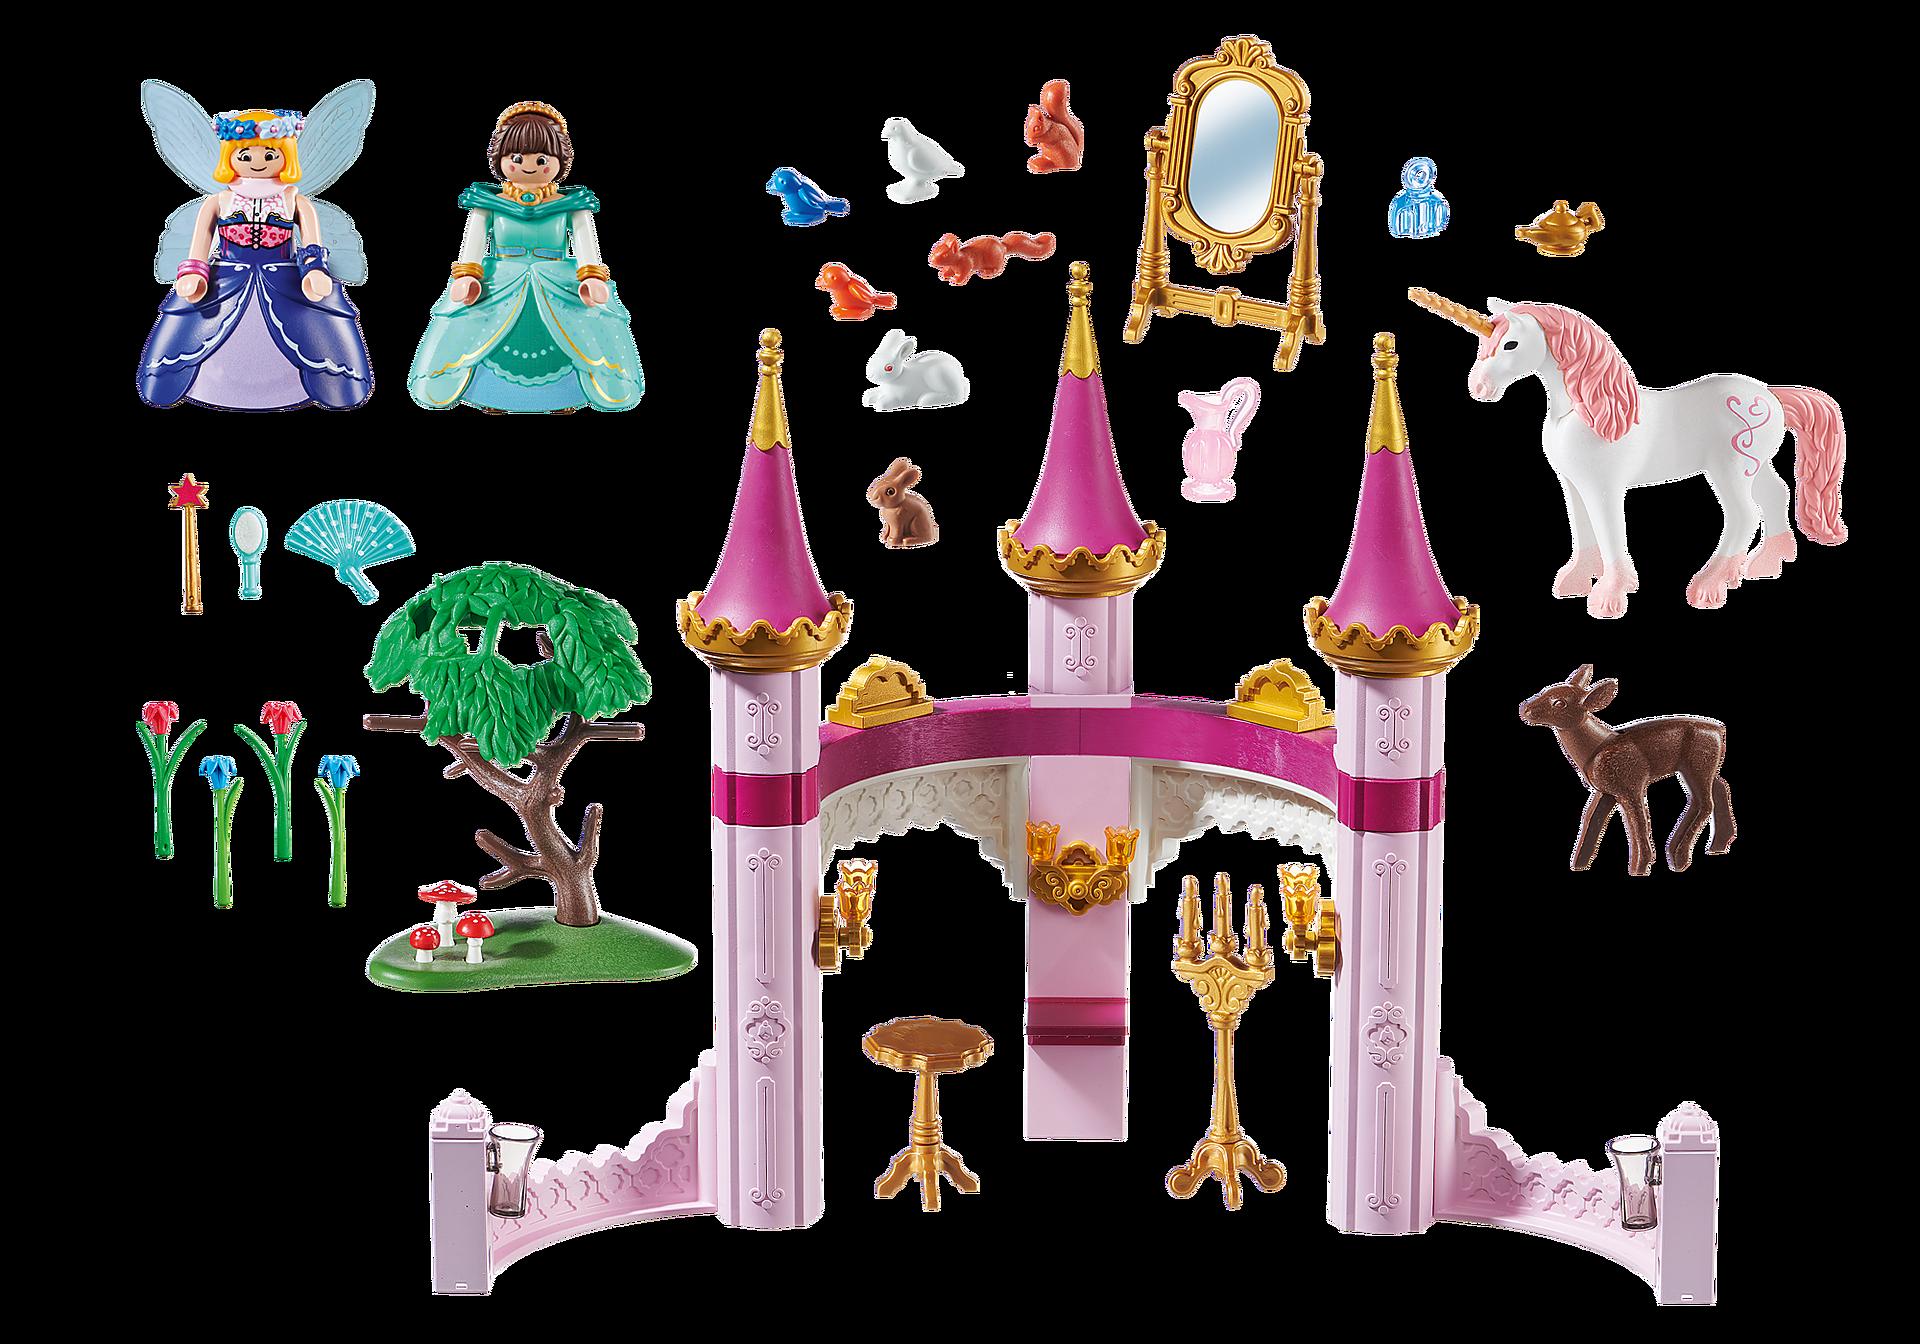 70077 PLAYMOBIL: THE MOVIE Marla et château enchanté  zoom image3